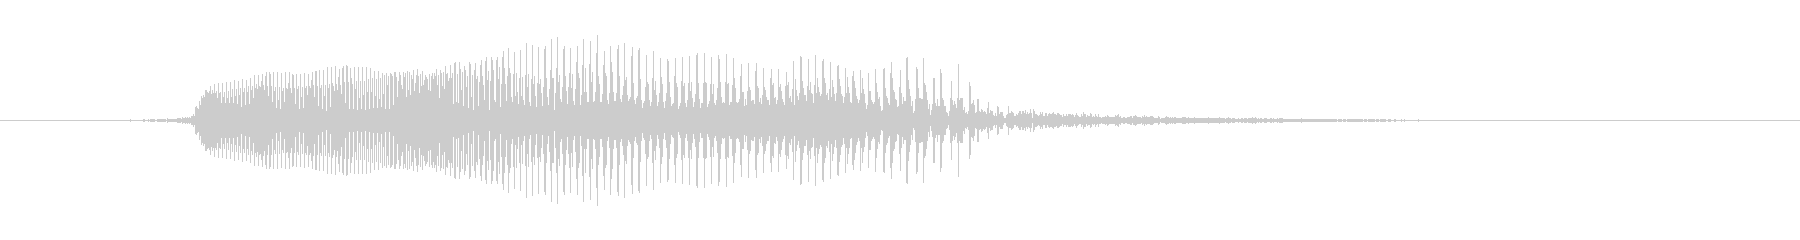 男性:シングルうめき声、コメディう...の未再生の波形